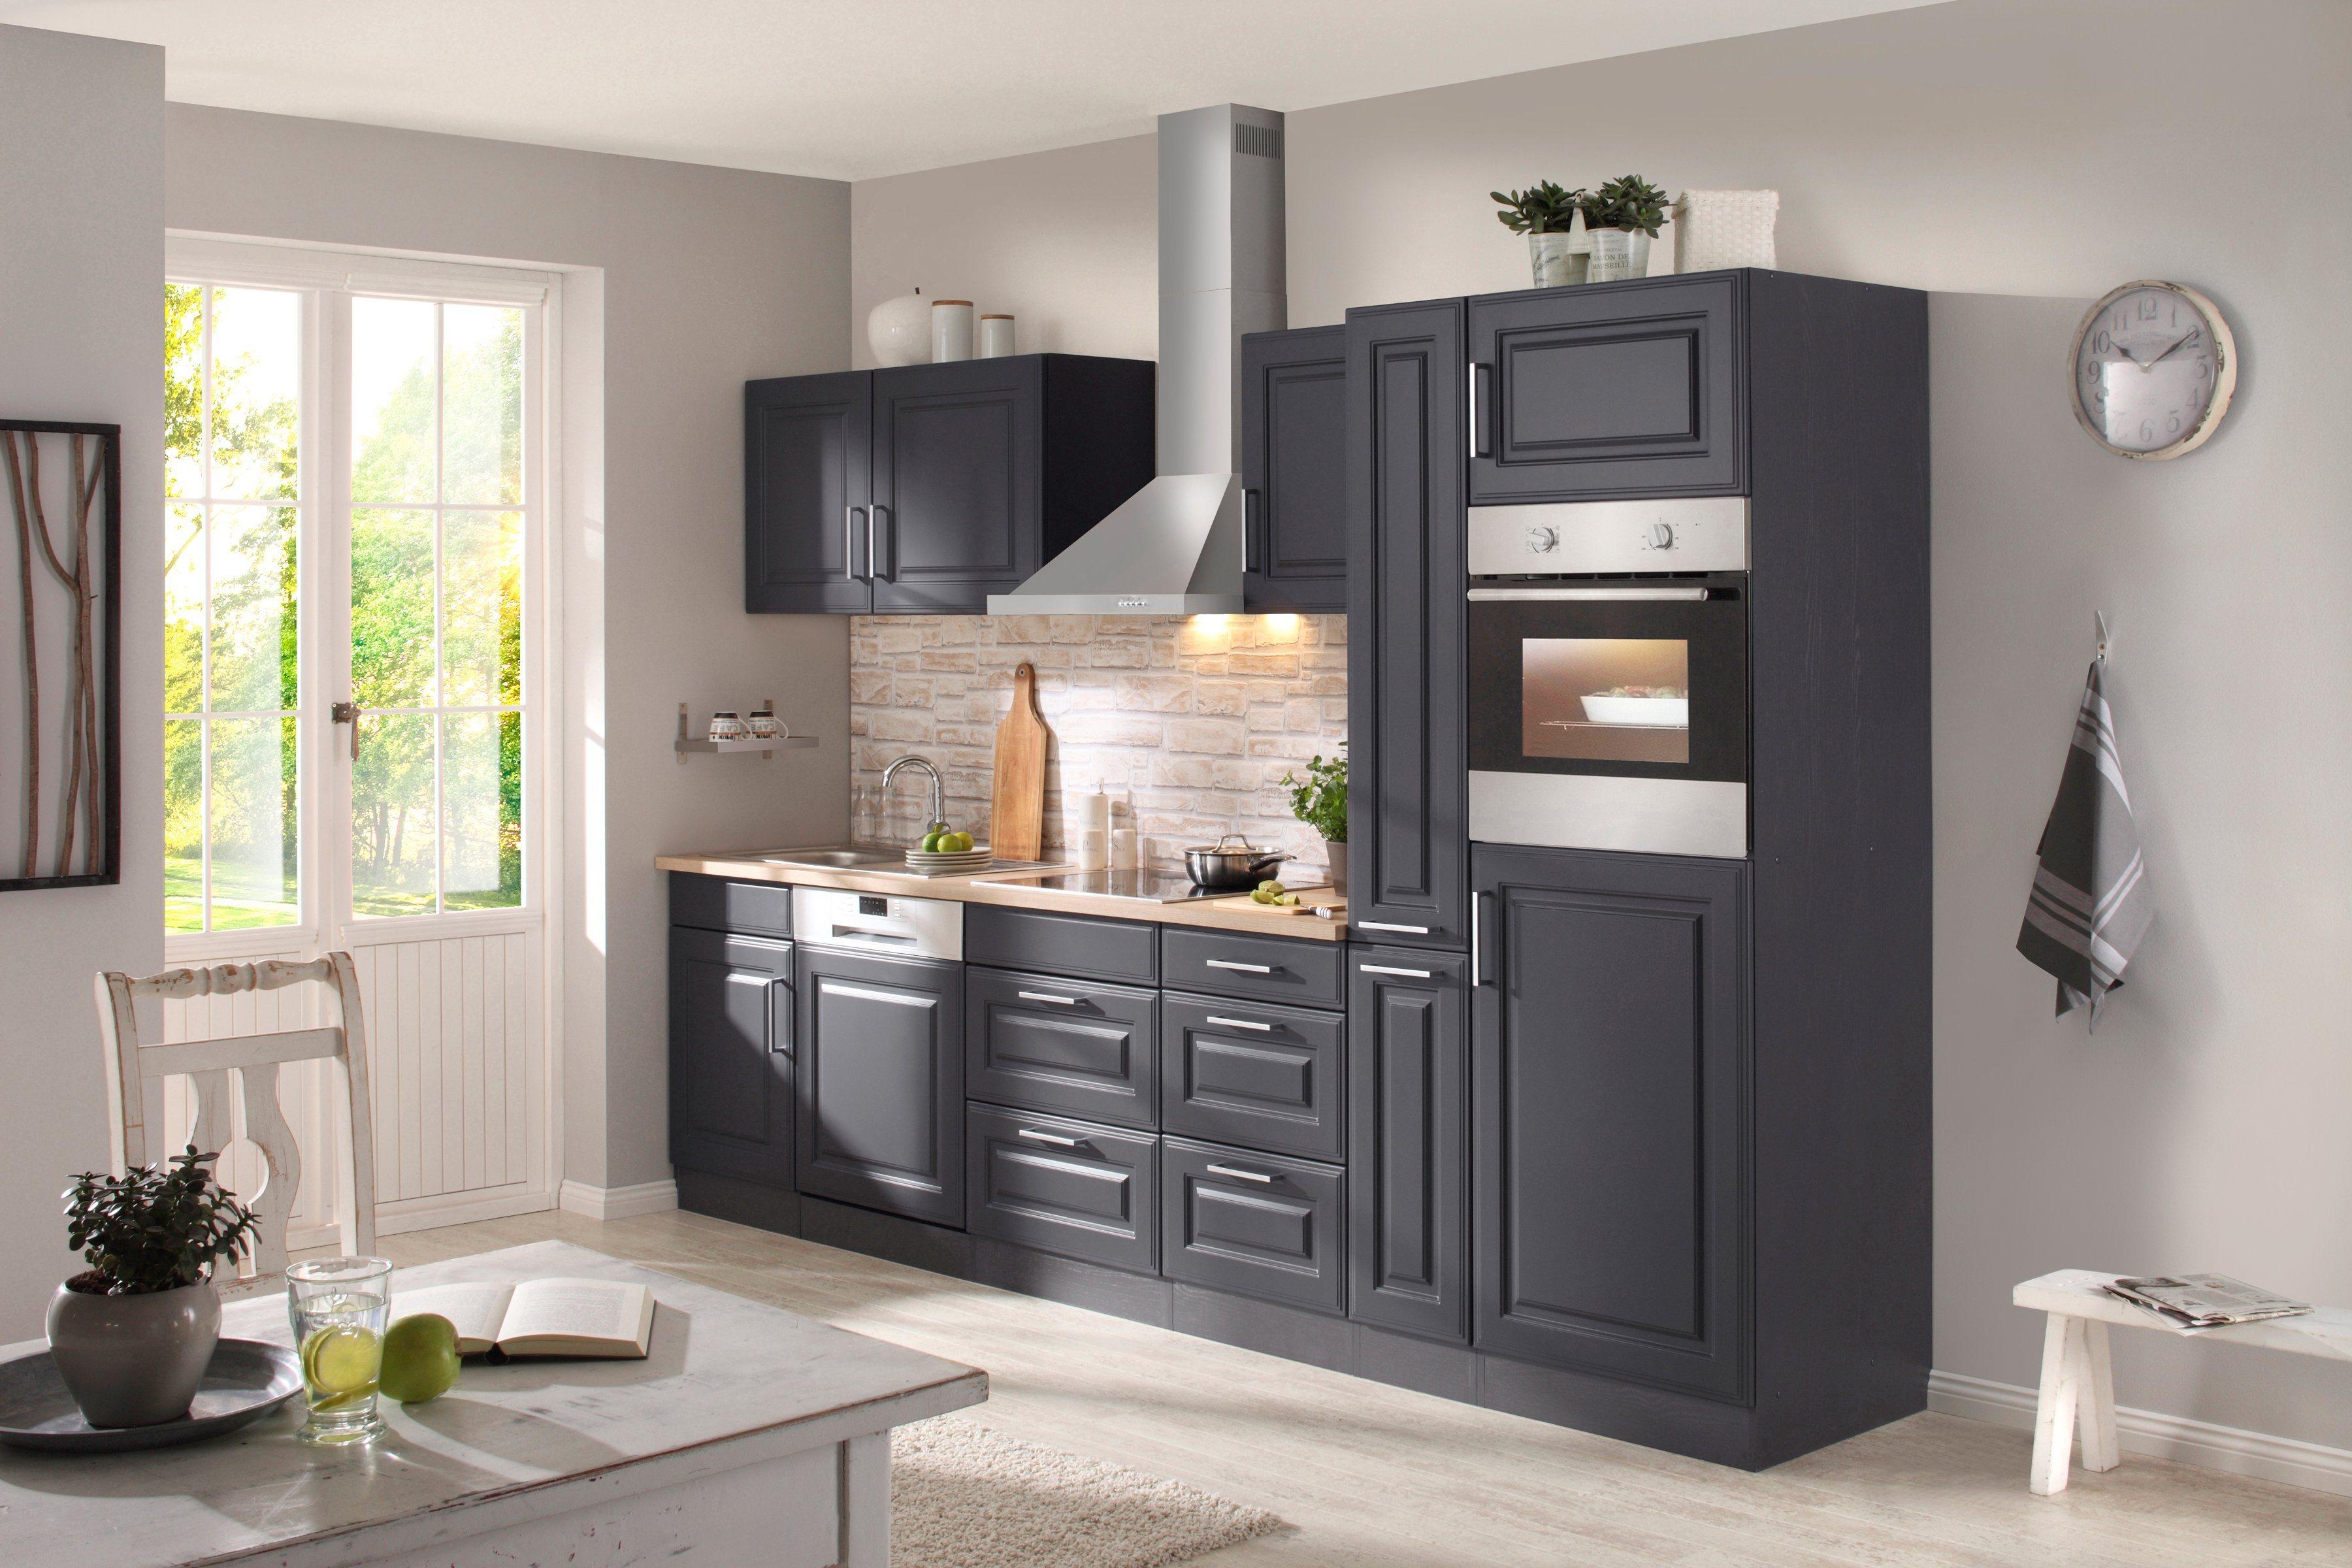 matt-mdf Küchenzeilen online kaufen | Möbel-Suchmaschine ...